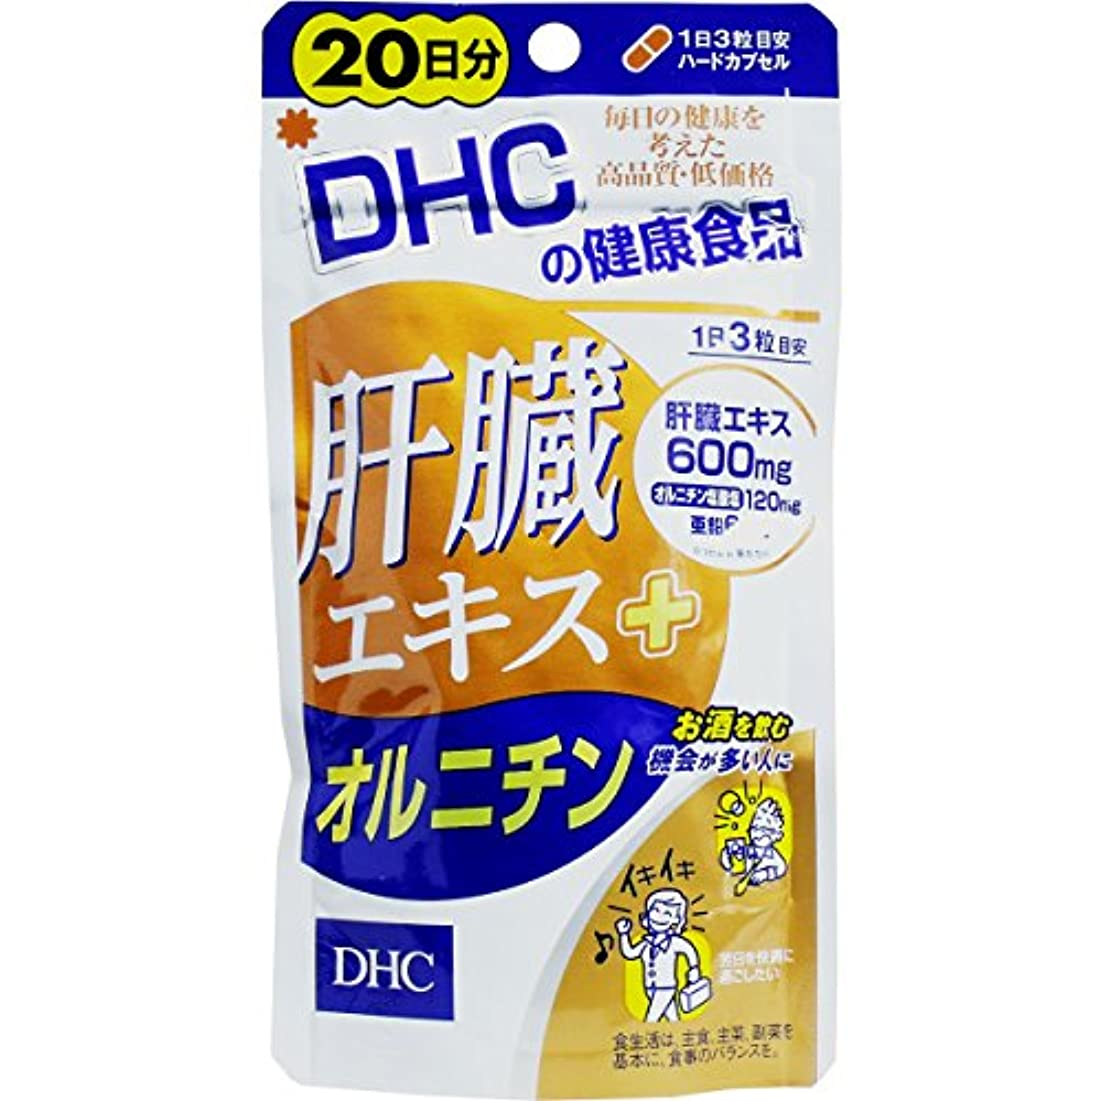 オデュッセウス炭素一掃するDHC 肝臓エキス+オルニチン 20日分 60粒 ×2個セット